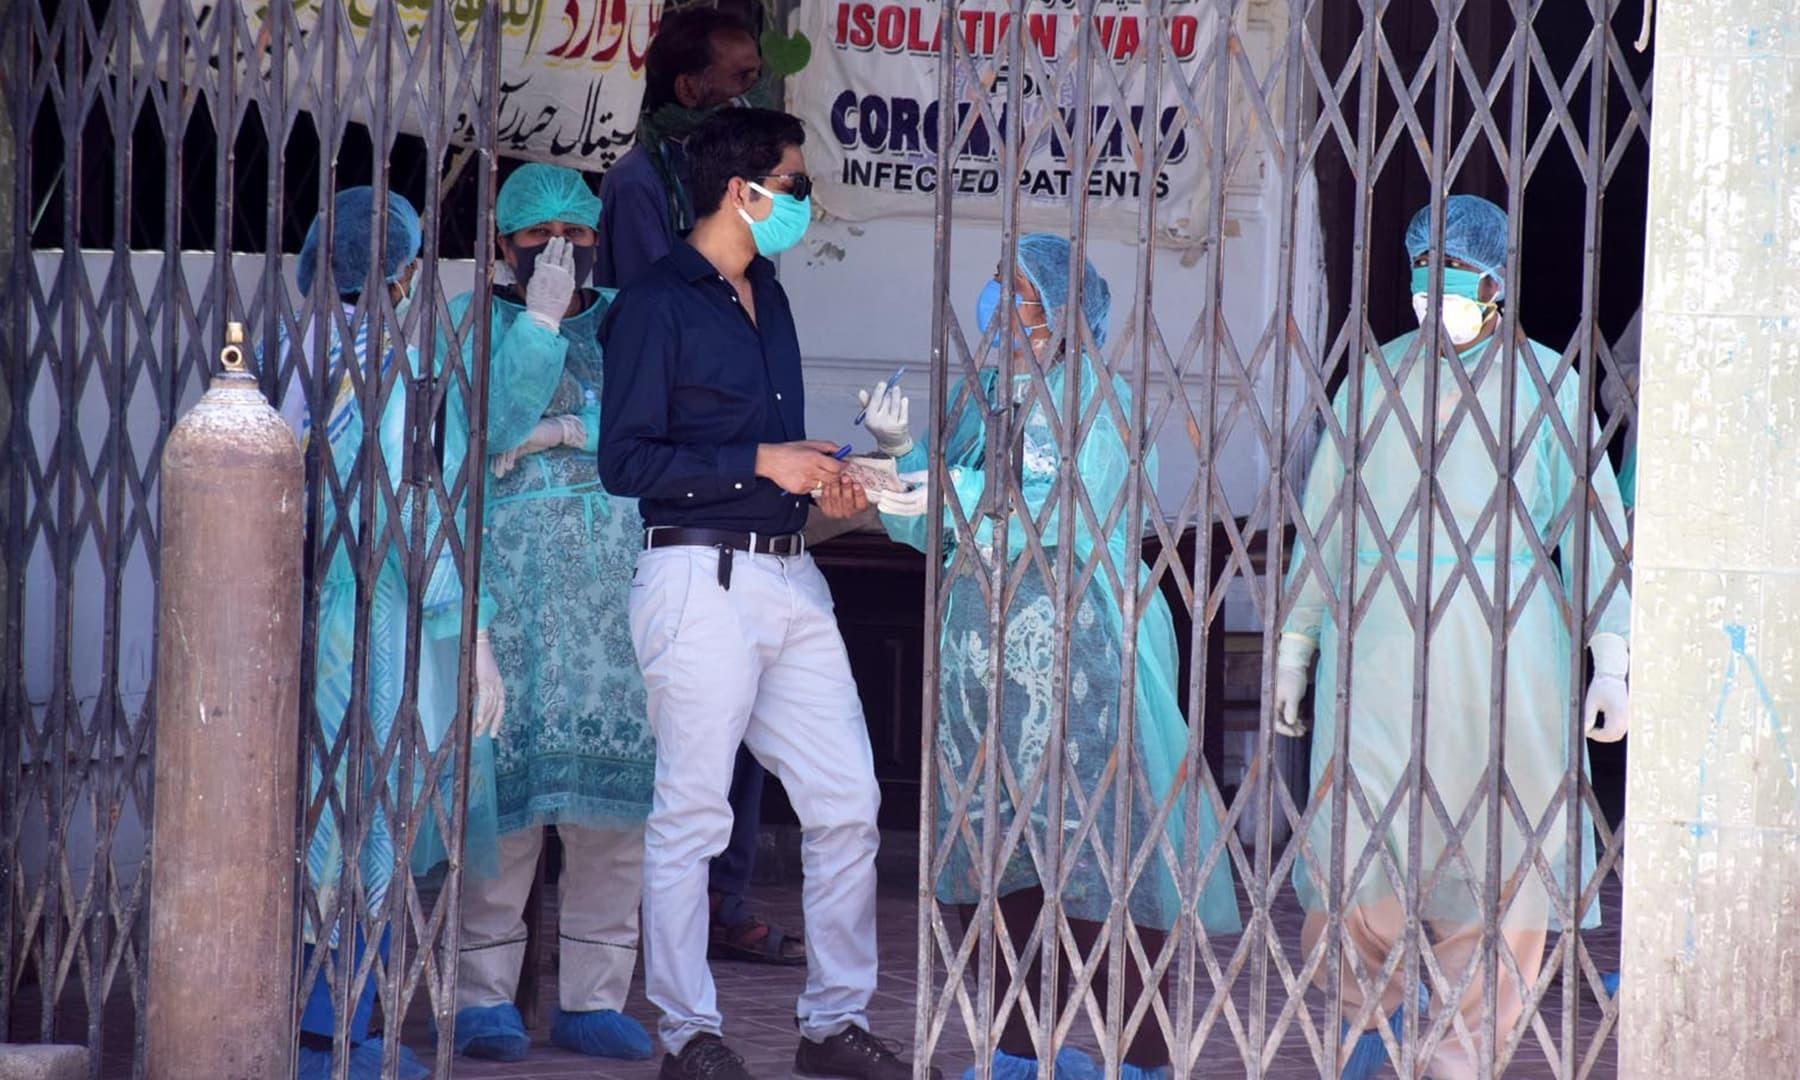 لاک ڈاؤن نے حیدرآباد سمیت پورے ملک بلکہ پوری دنیا کے معمولات زندگی کو متاثر کردیا ہے—تصویر بشکریہ عمیر علی